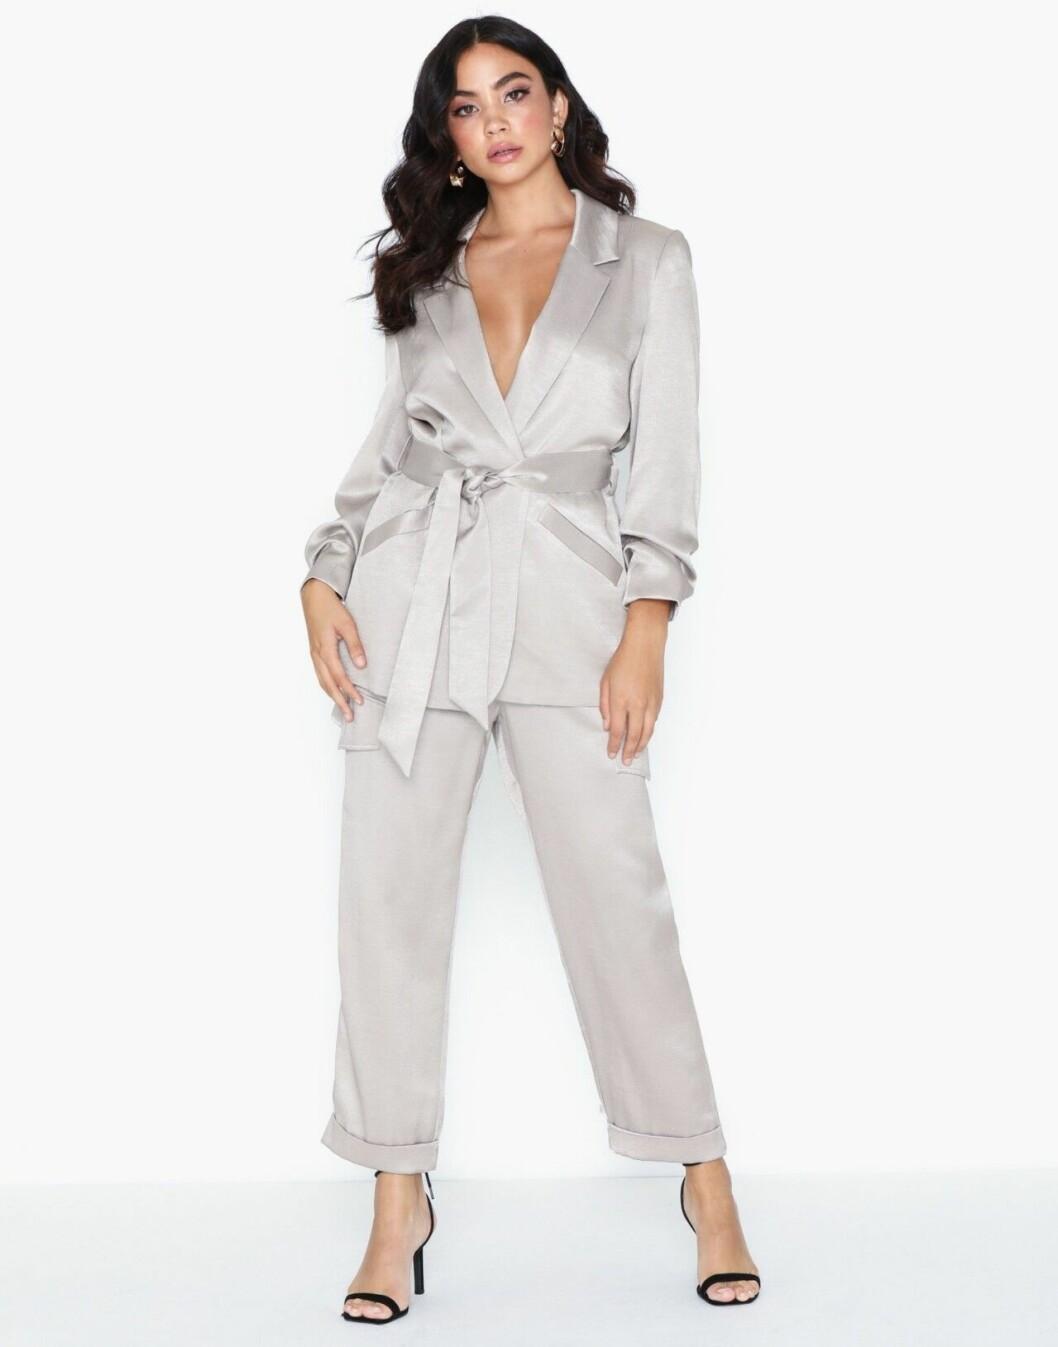 Silverfärgad kostym för dam till fest